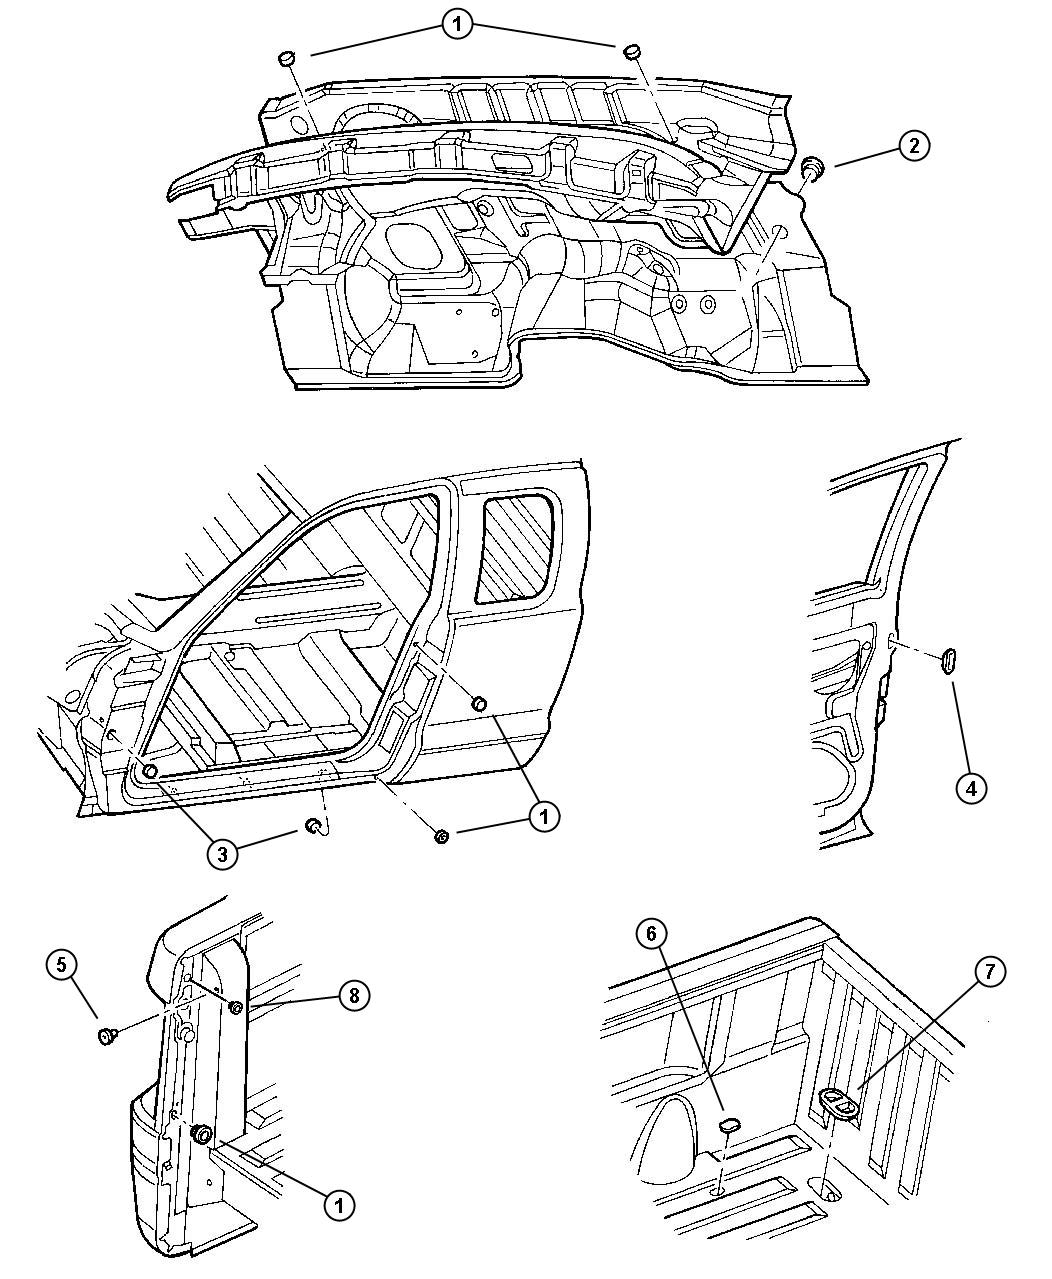 1998 Dodge Durango Plug. Floor pan. Rubber, rubber grommet